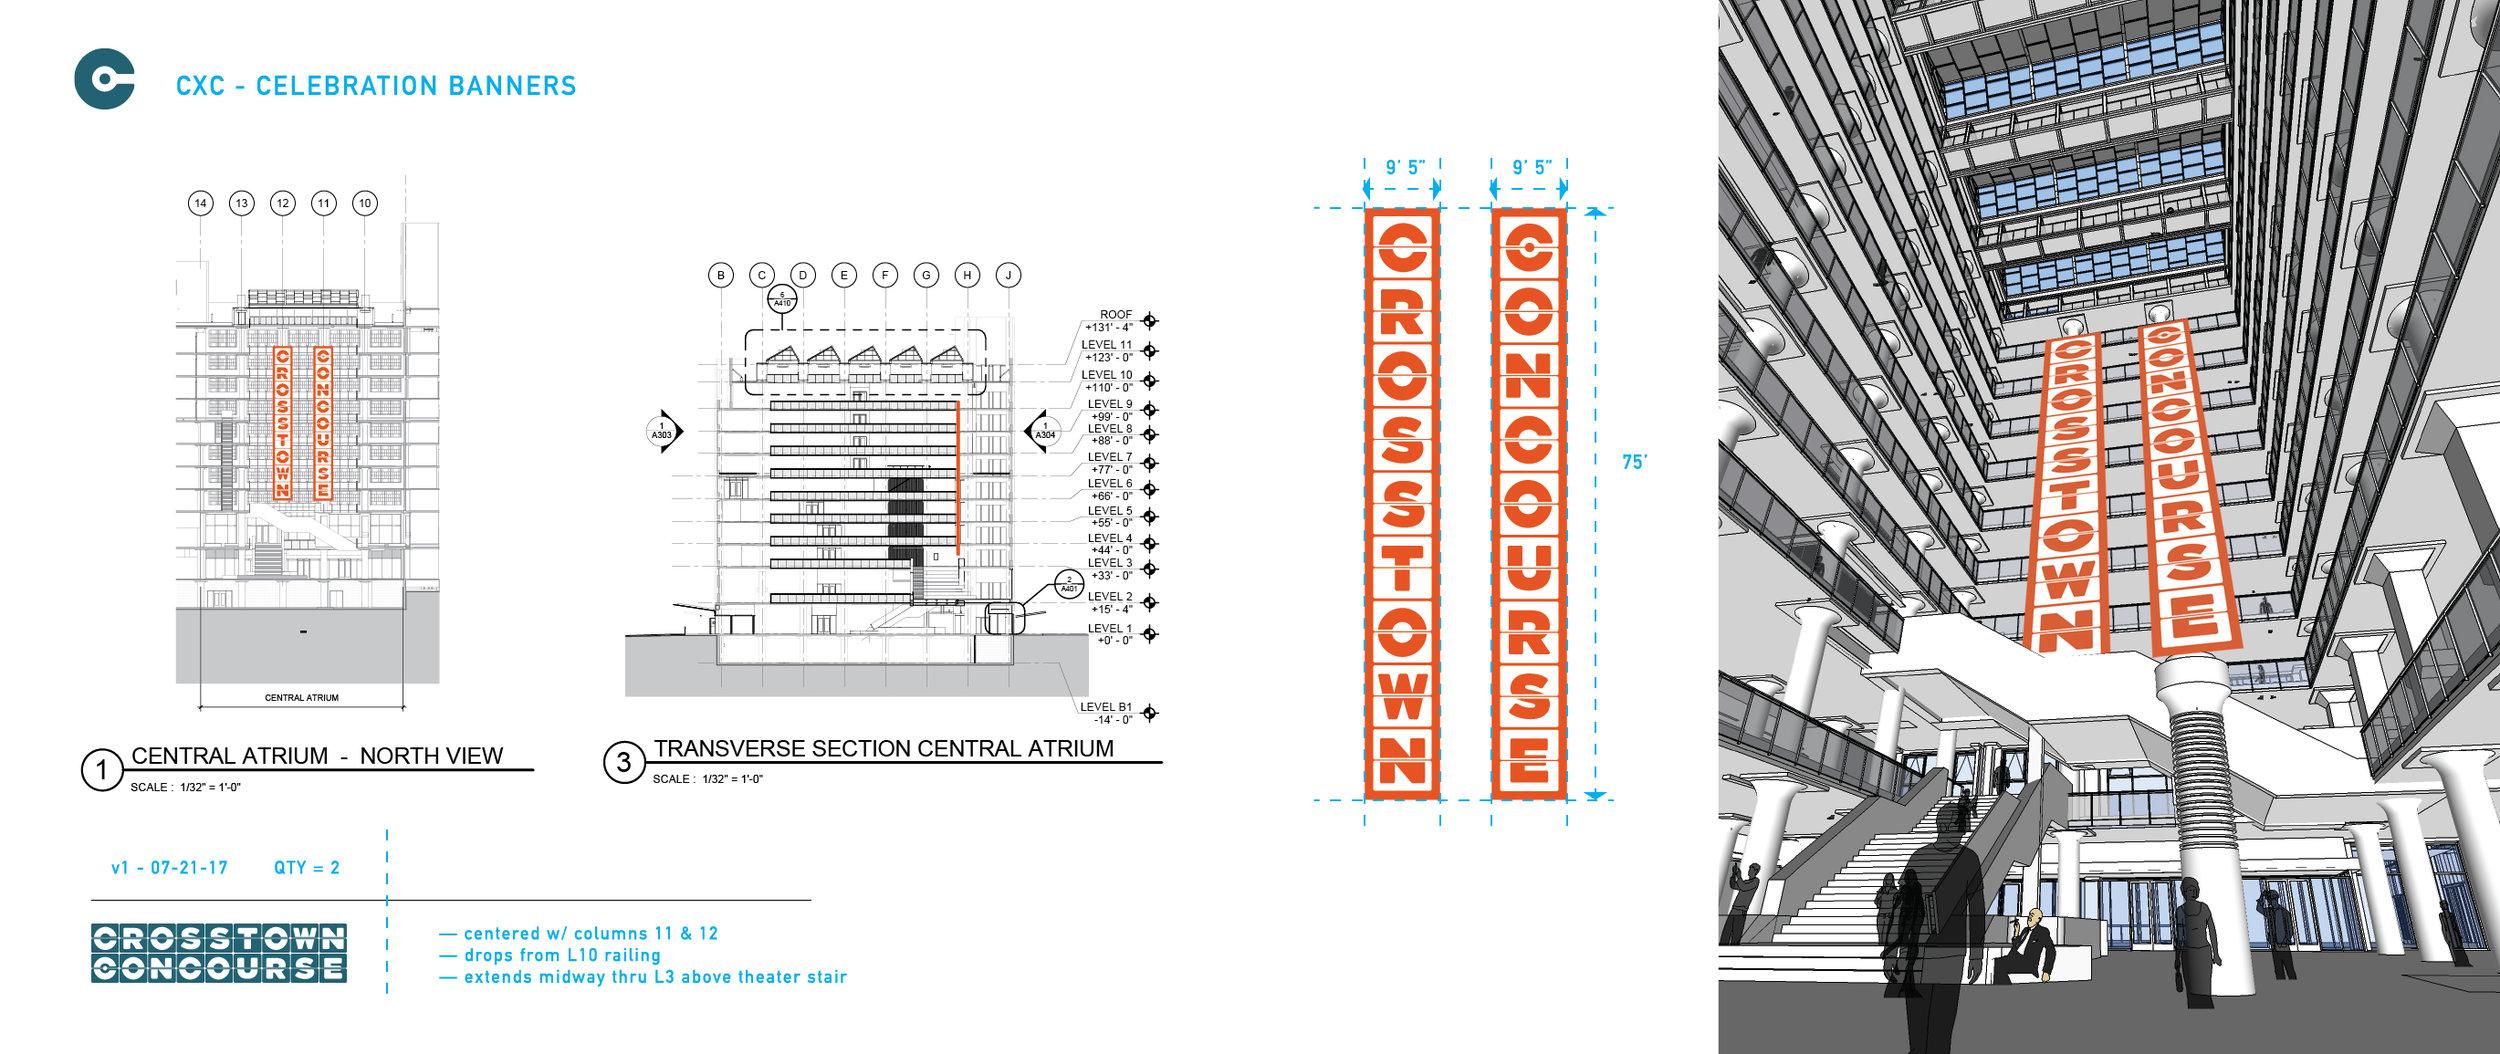 CXC-VerticalBanners-mech-7-21-17.jpg